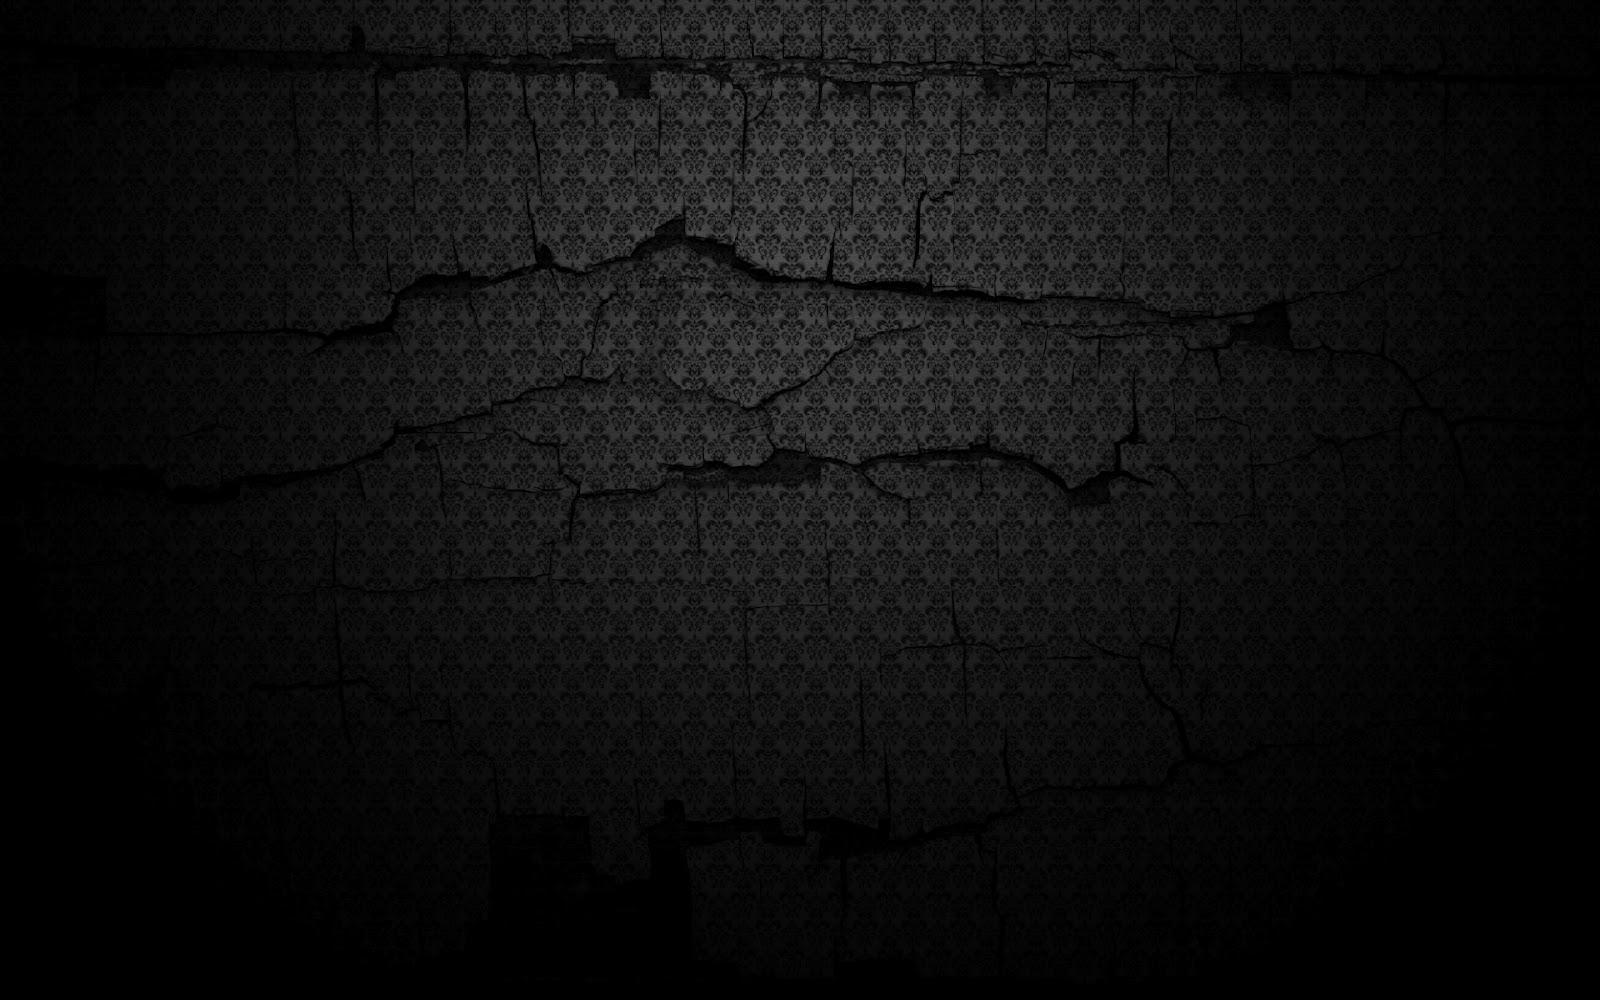 Dark Patterns HD WallpapersImage To Wallpaper 1600x1000